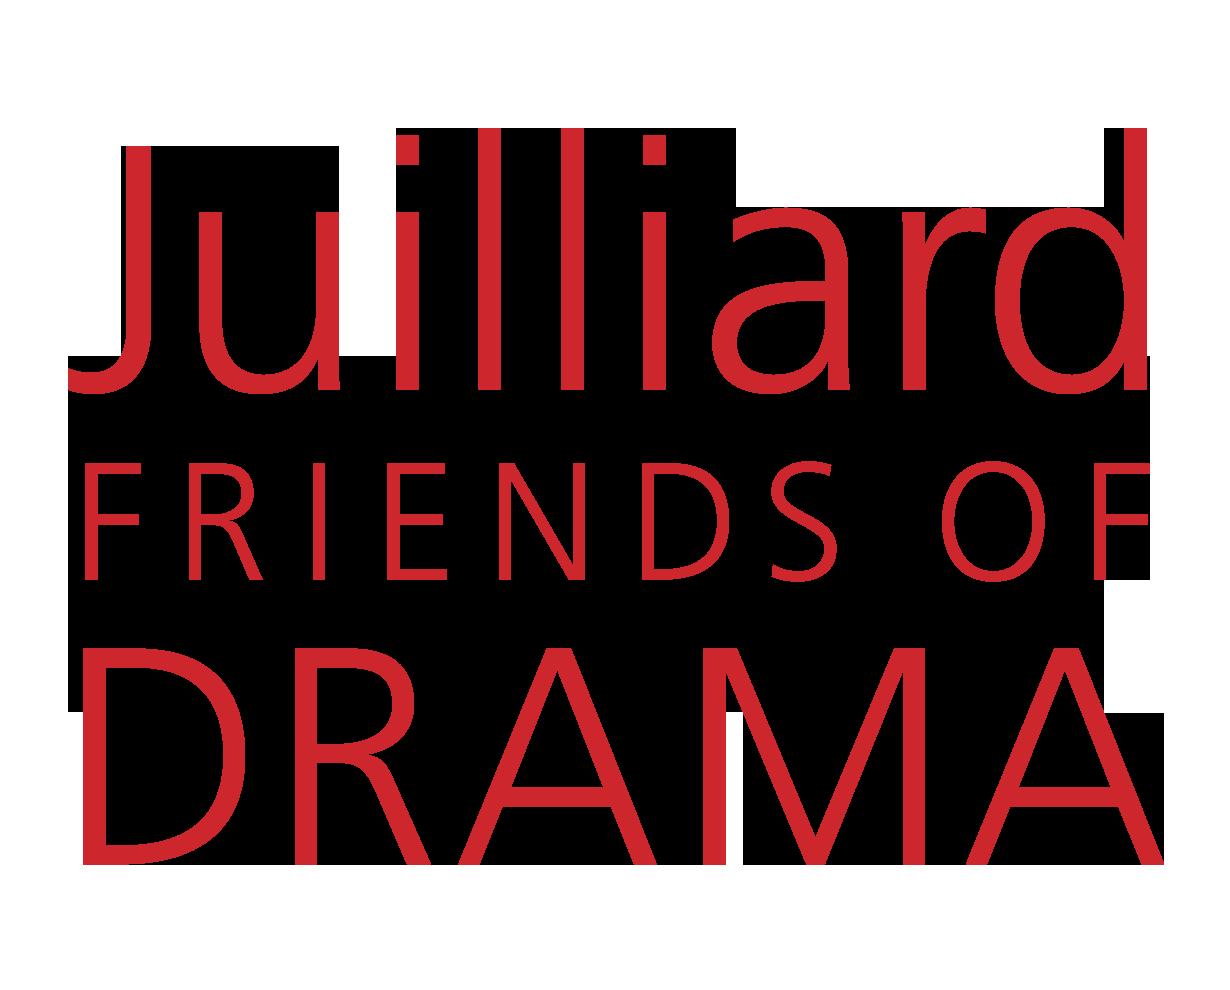 drama logo bing images